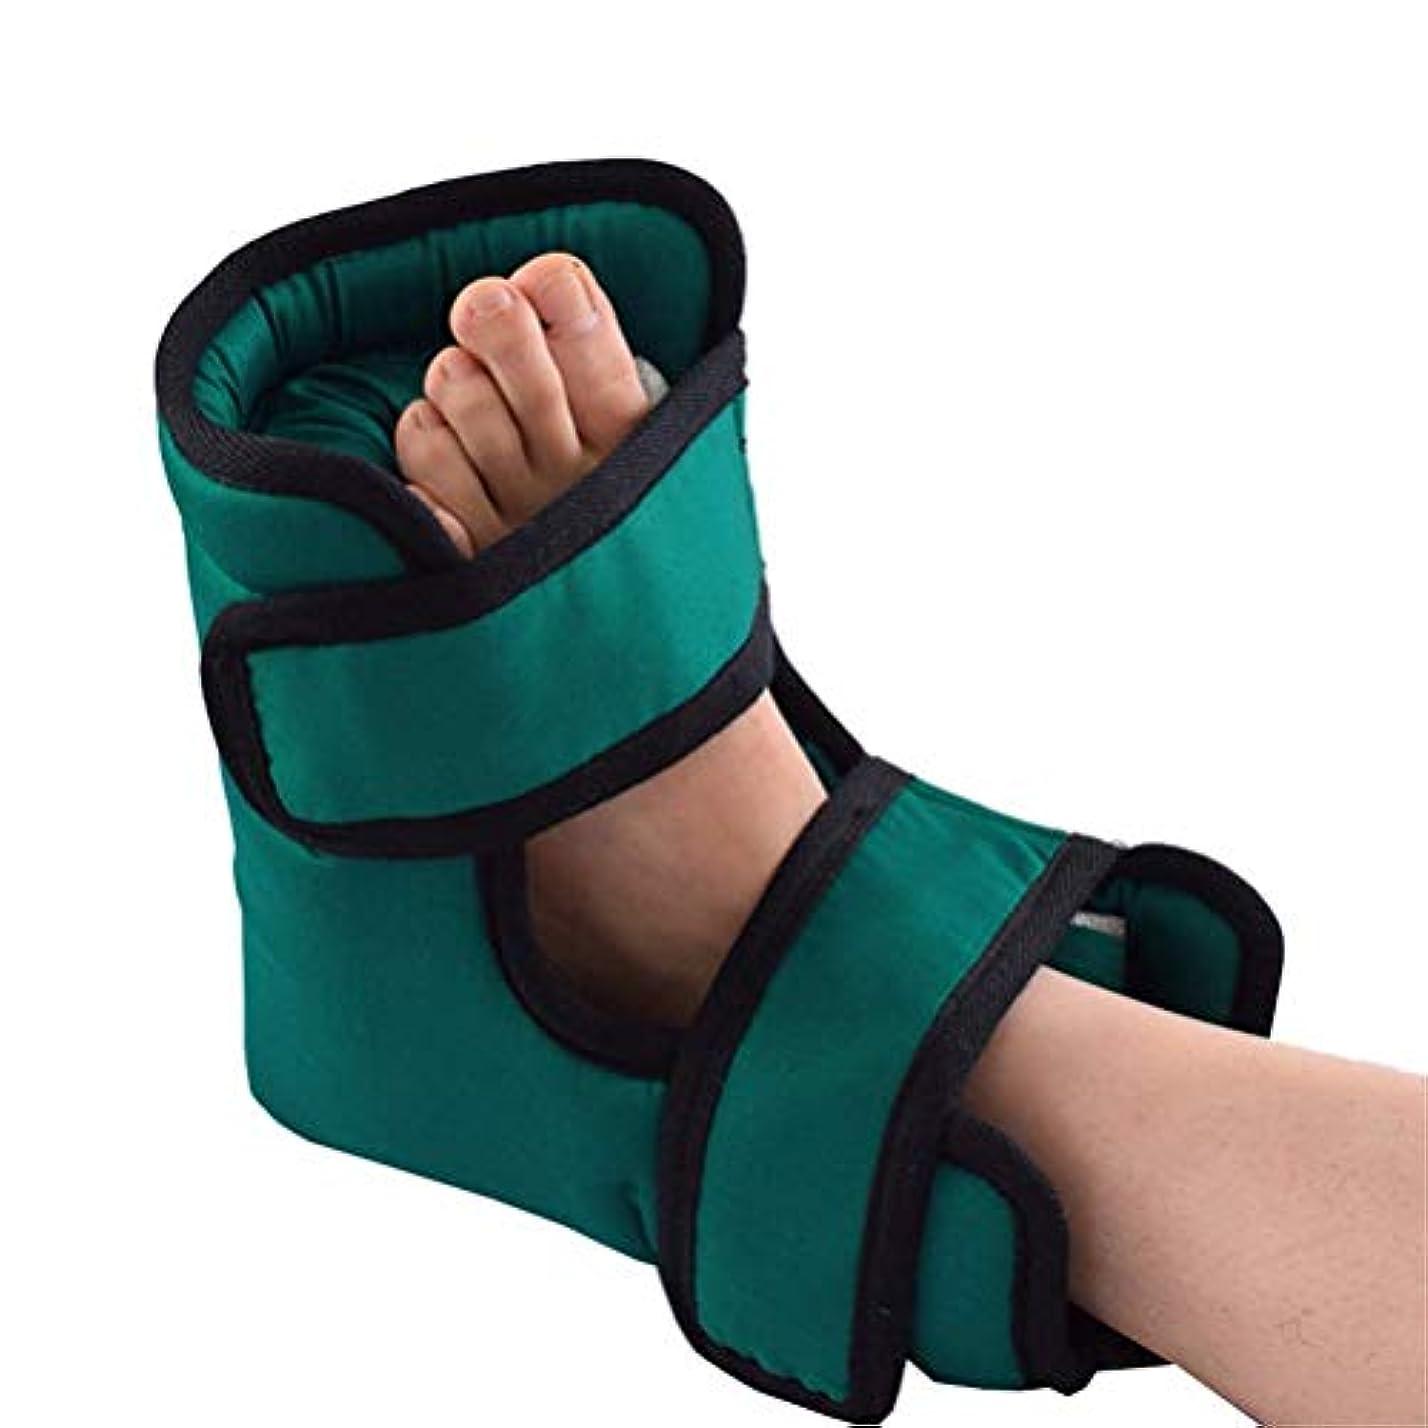 お気に入り換気健康抗褥瘡 ヒールクッション - 圧力緩和ヒールプロテクター - 褥瘡と腱の残りのための足首保護枕 - 1ペア